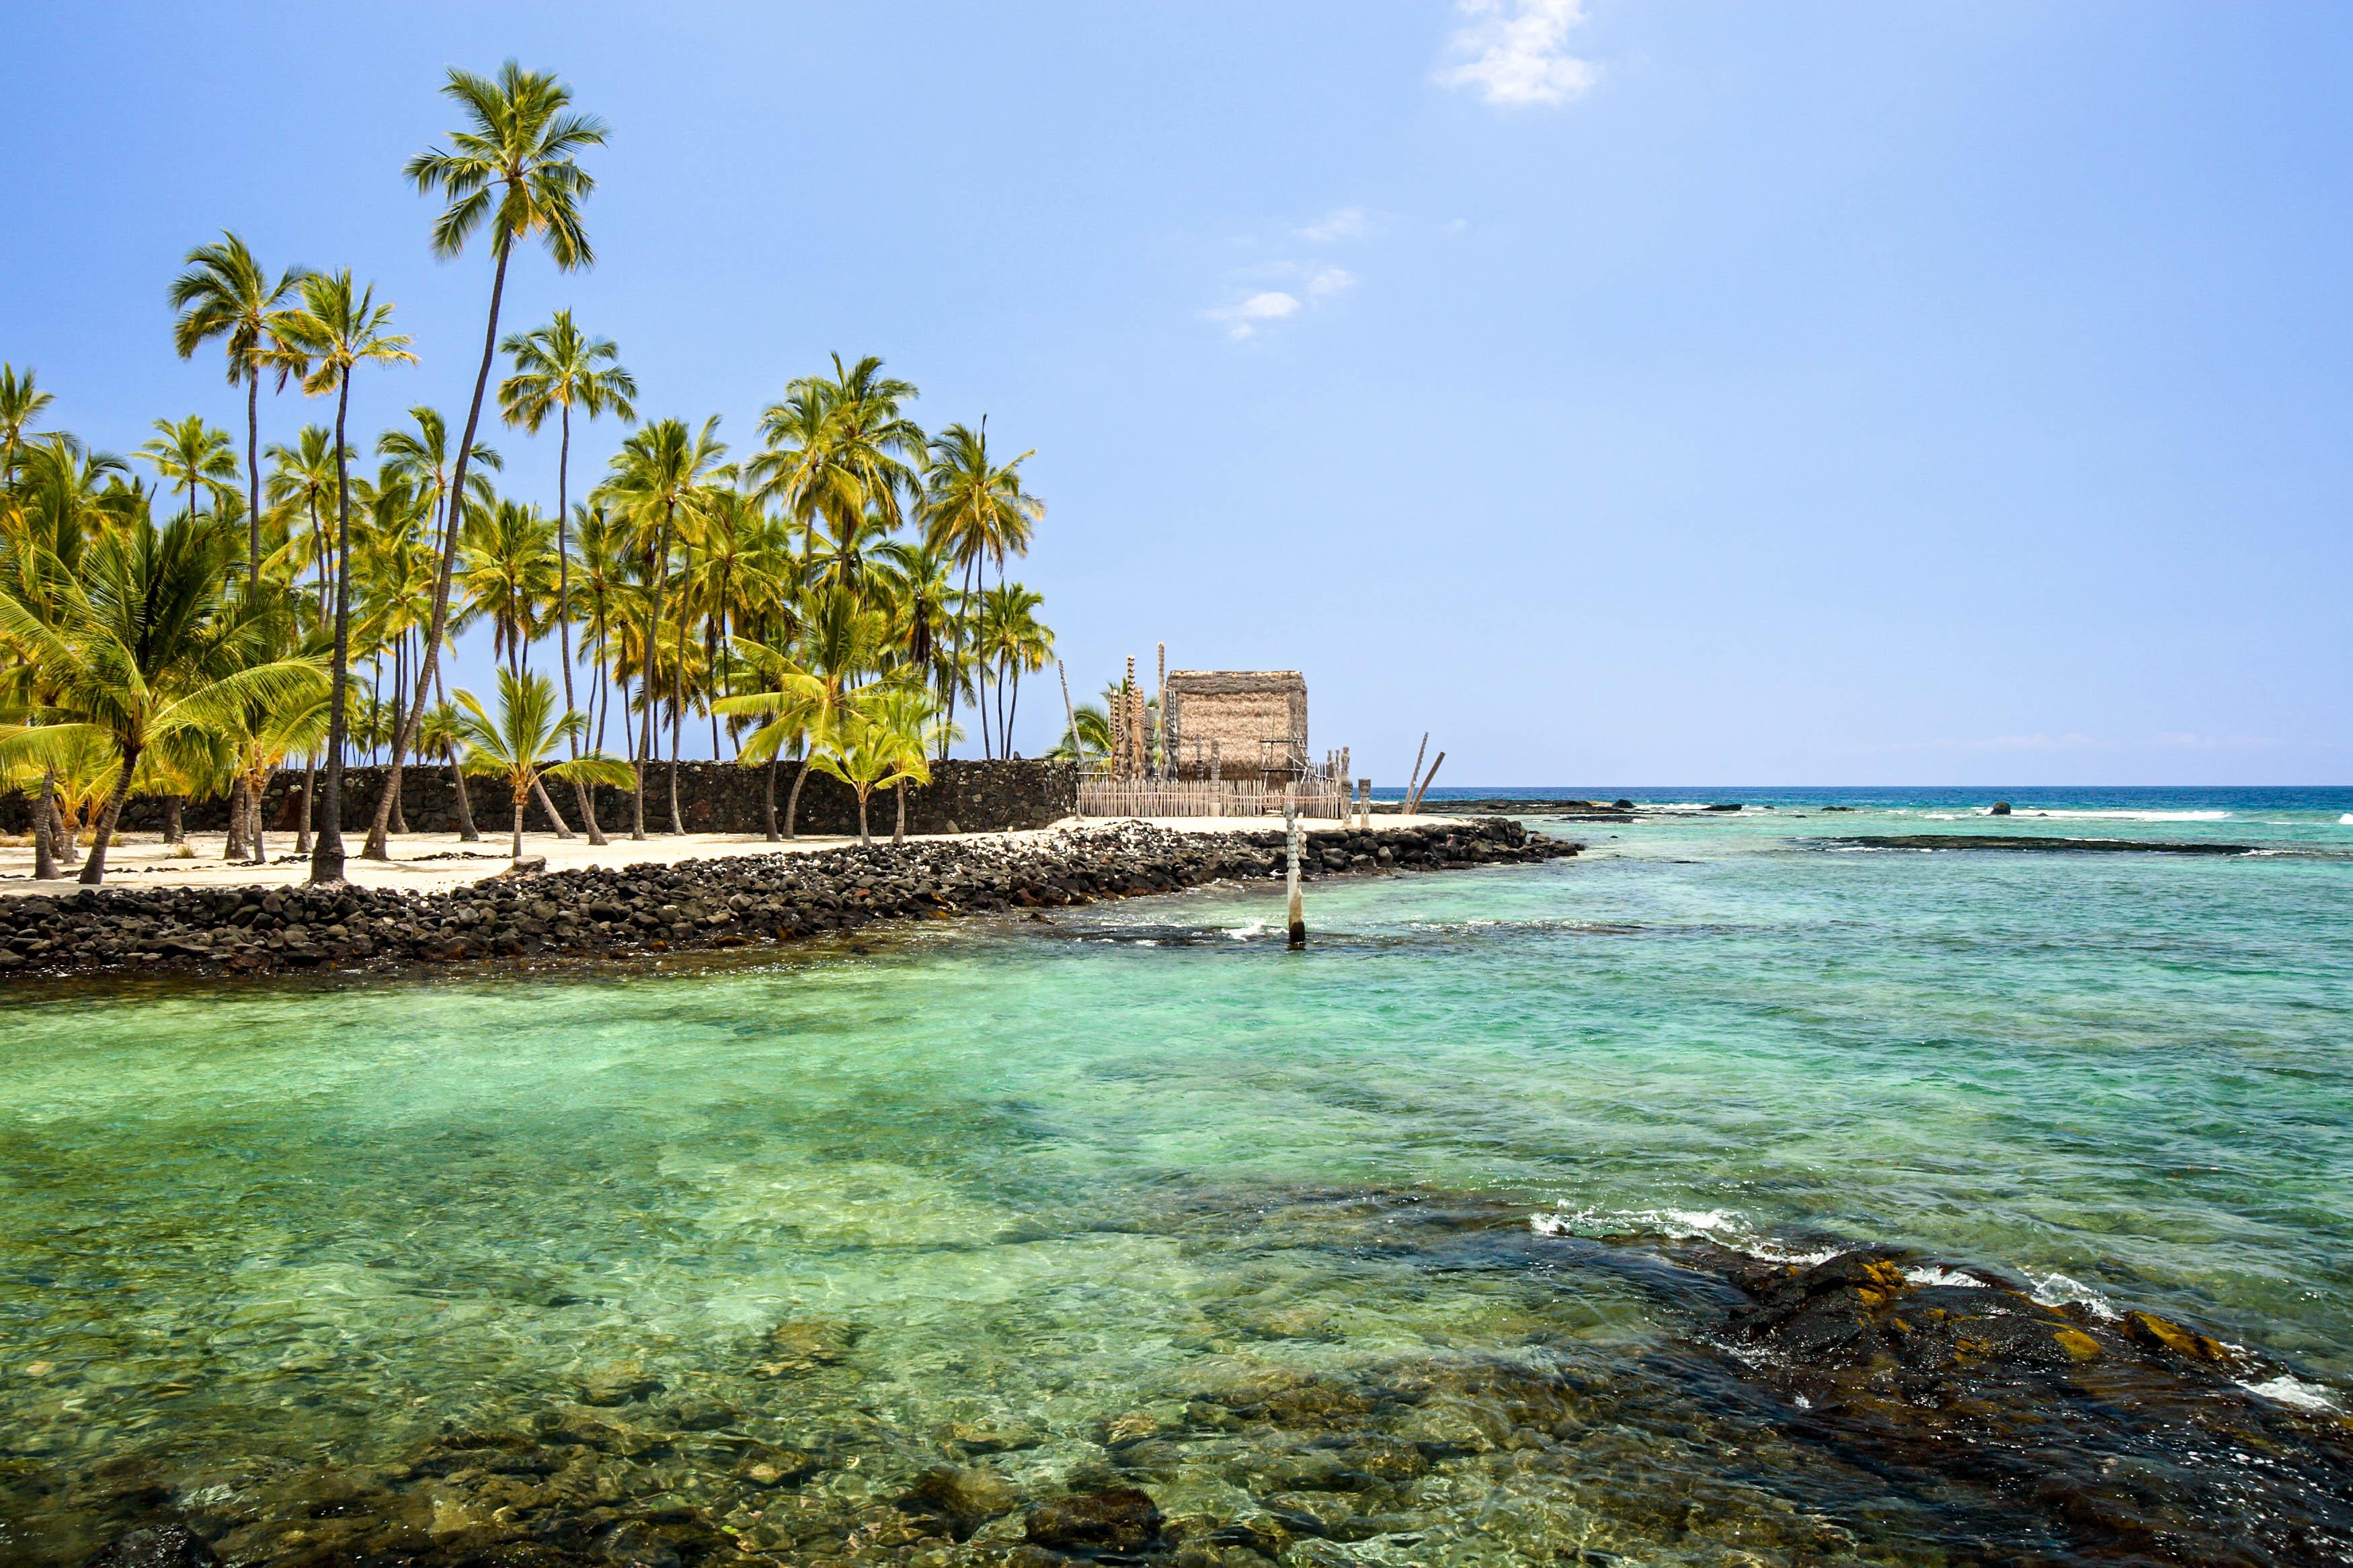 Zeit in Hilo Hawaii gerade jetzt